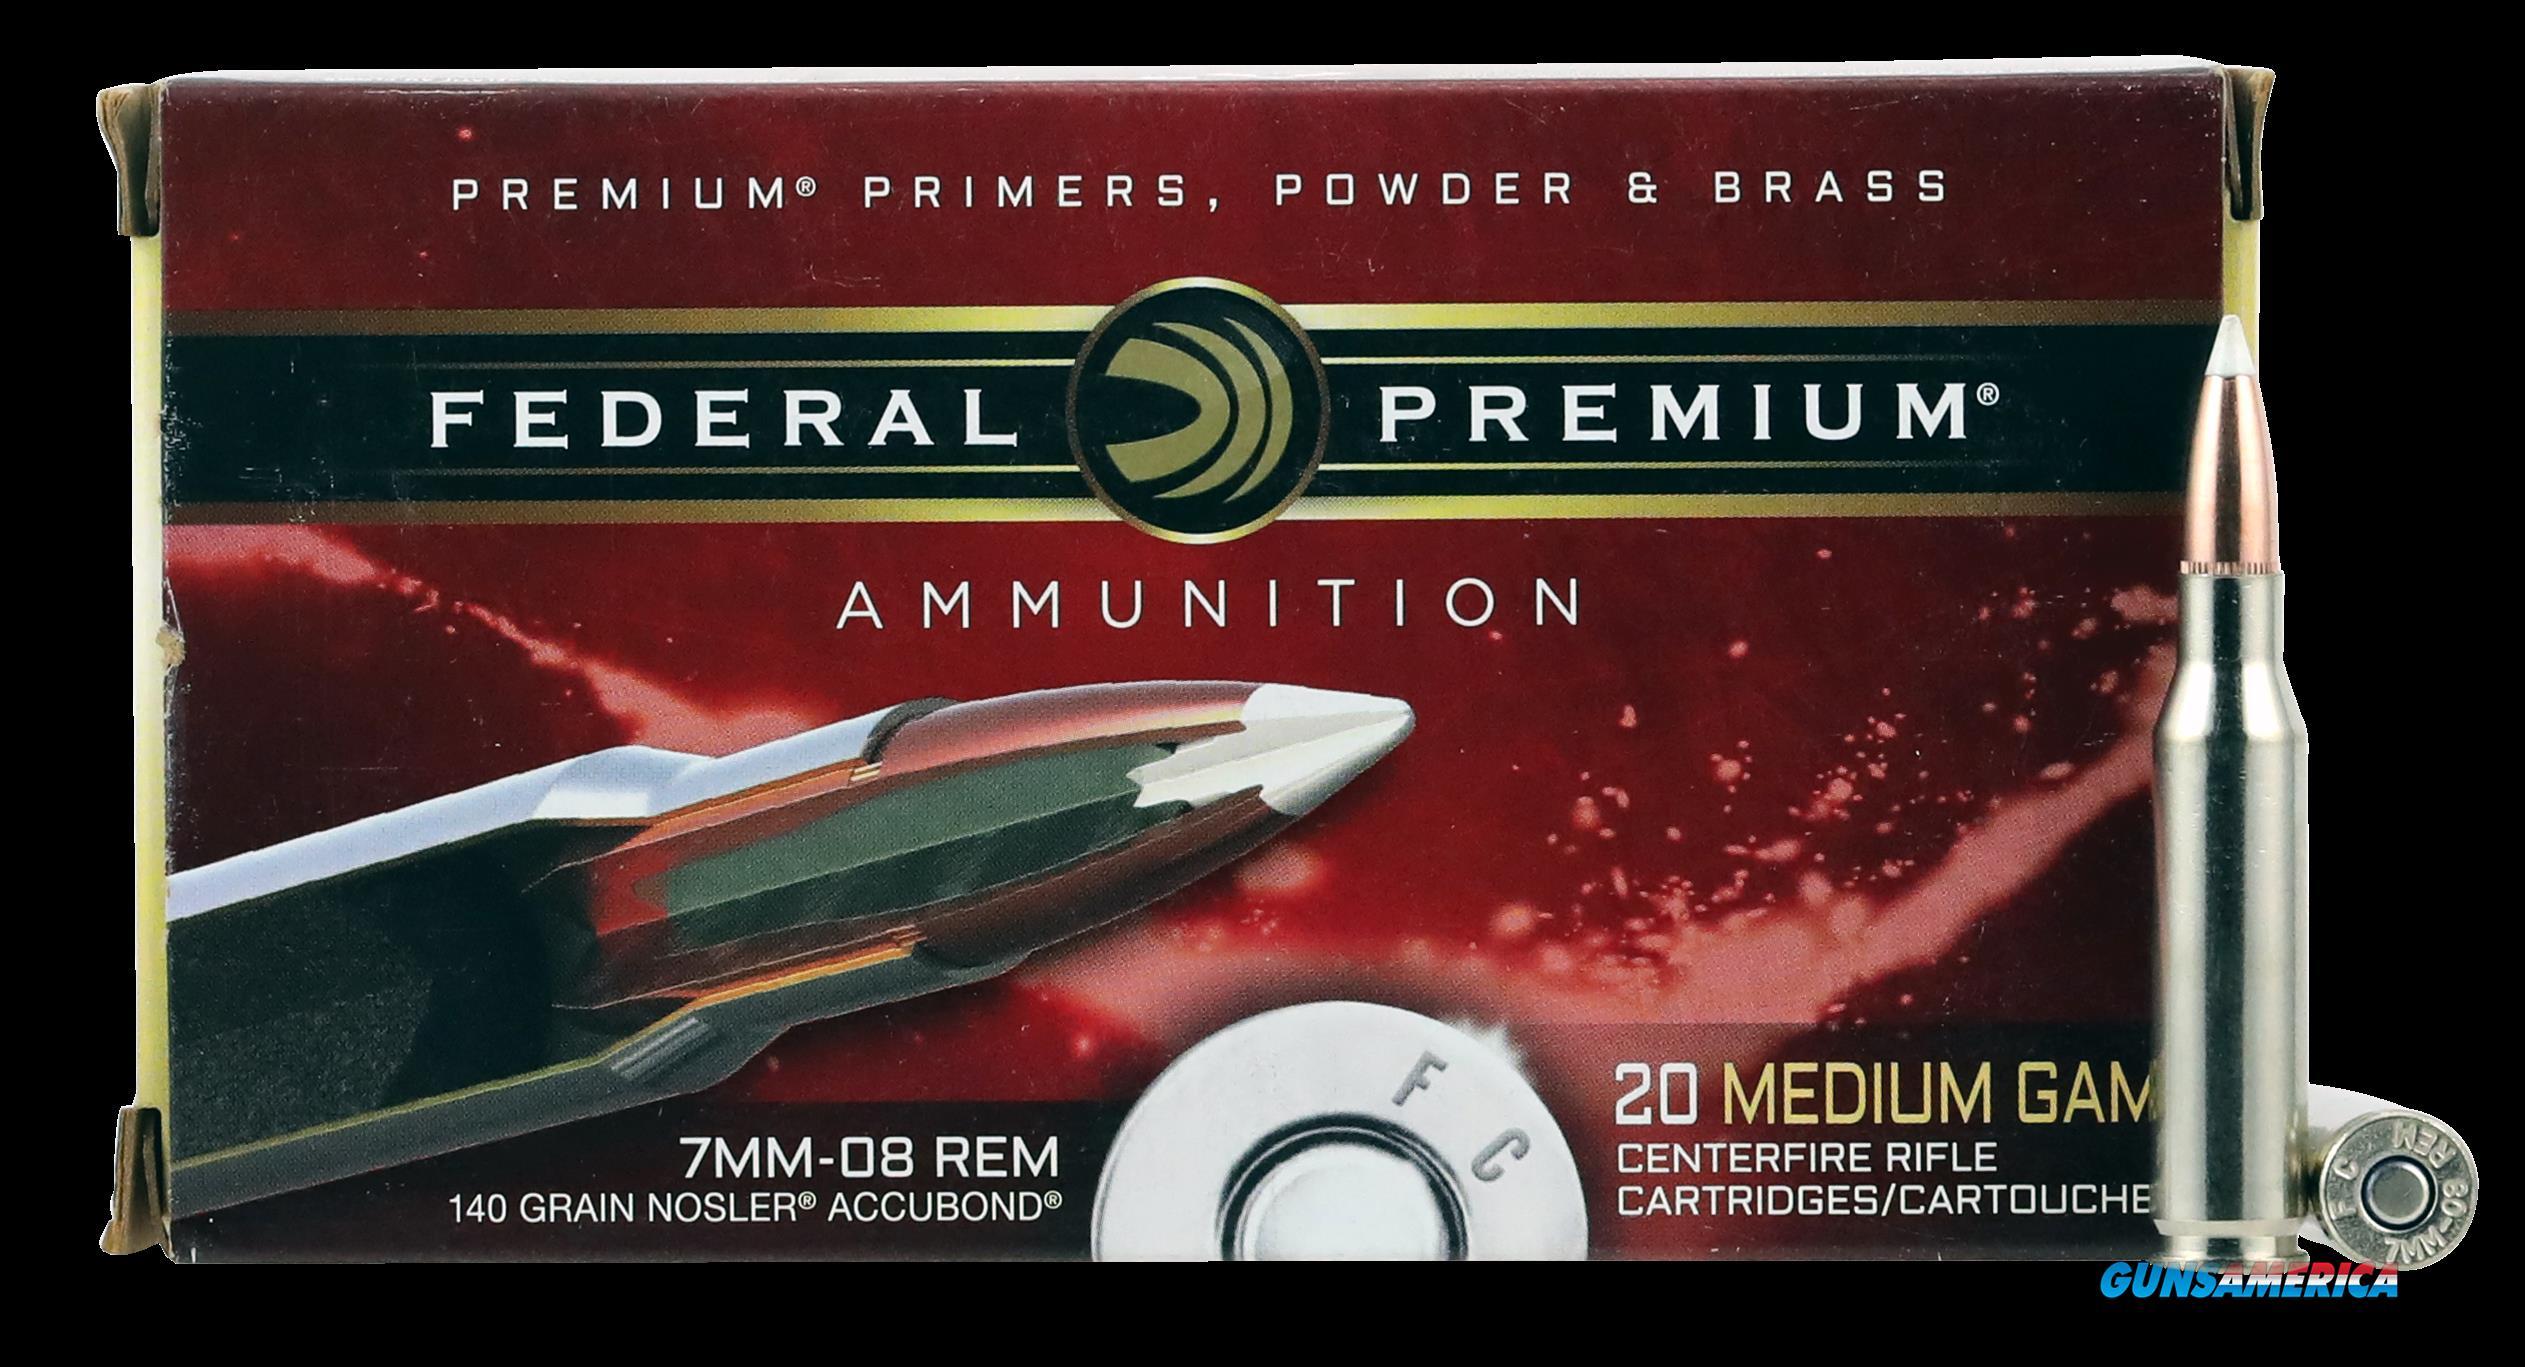 Federal Premium, Fed P708a1     7mm08  140 Nosab          20-10  Guns > Pistols > 1911 Pistol Copies (non-Colt)